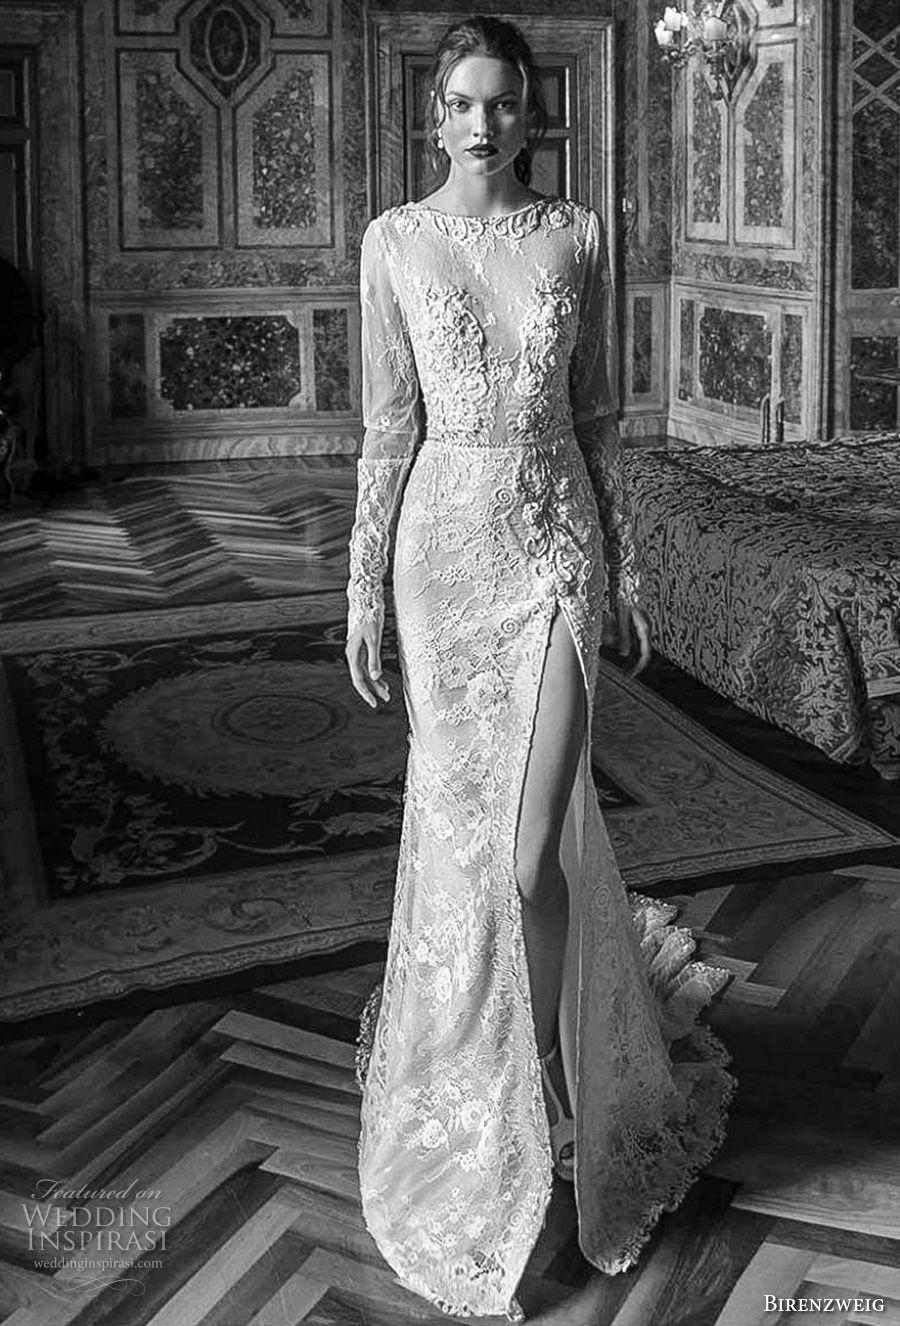 birenzweig 2018 bridal long sleeves jewel neck full embellishment side slit skirt elegant fit and flare wedding dress open back short train (7) mv